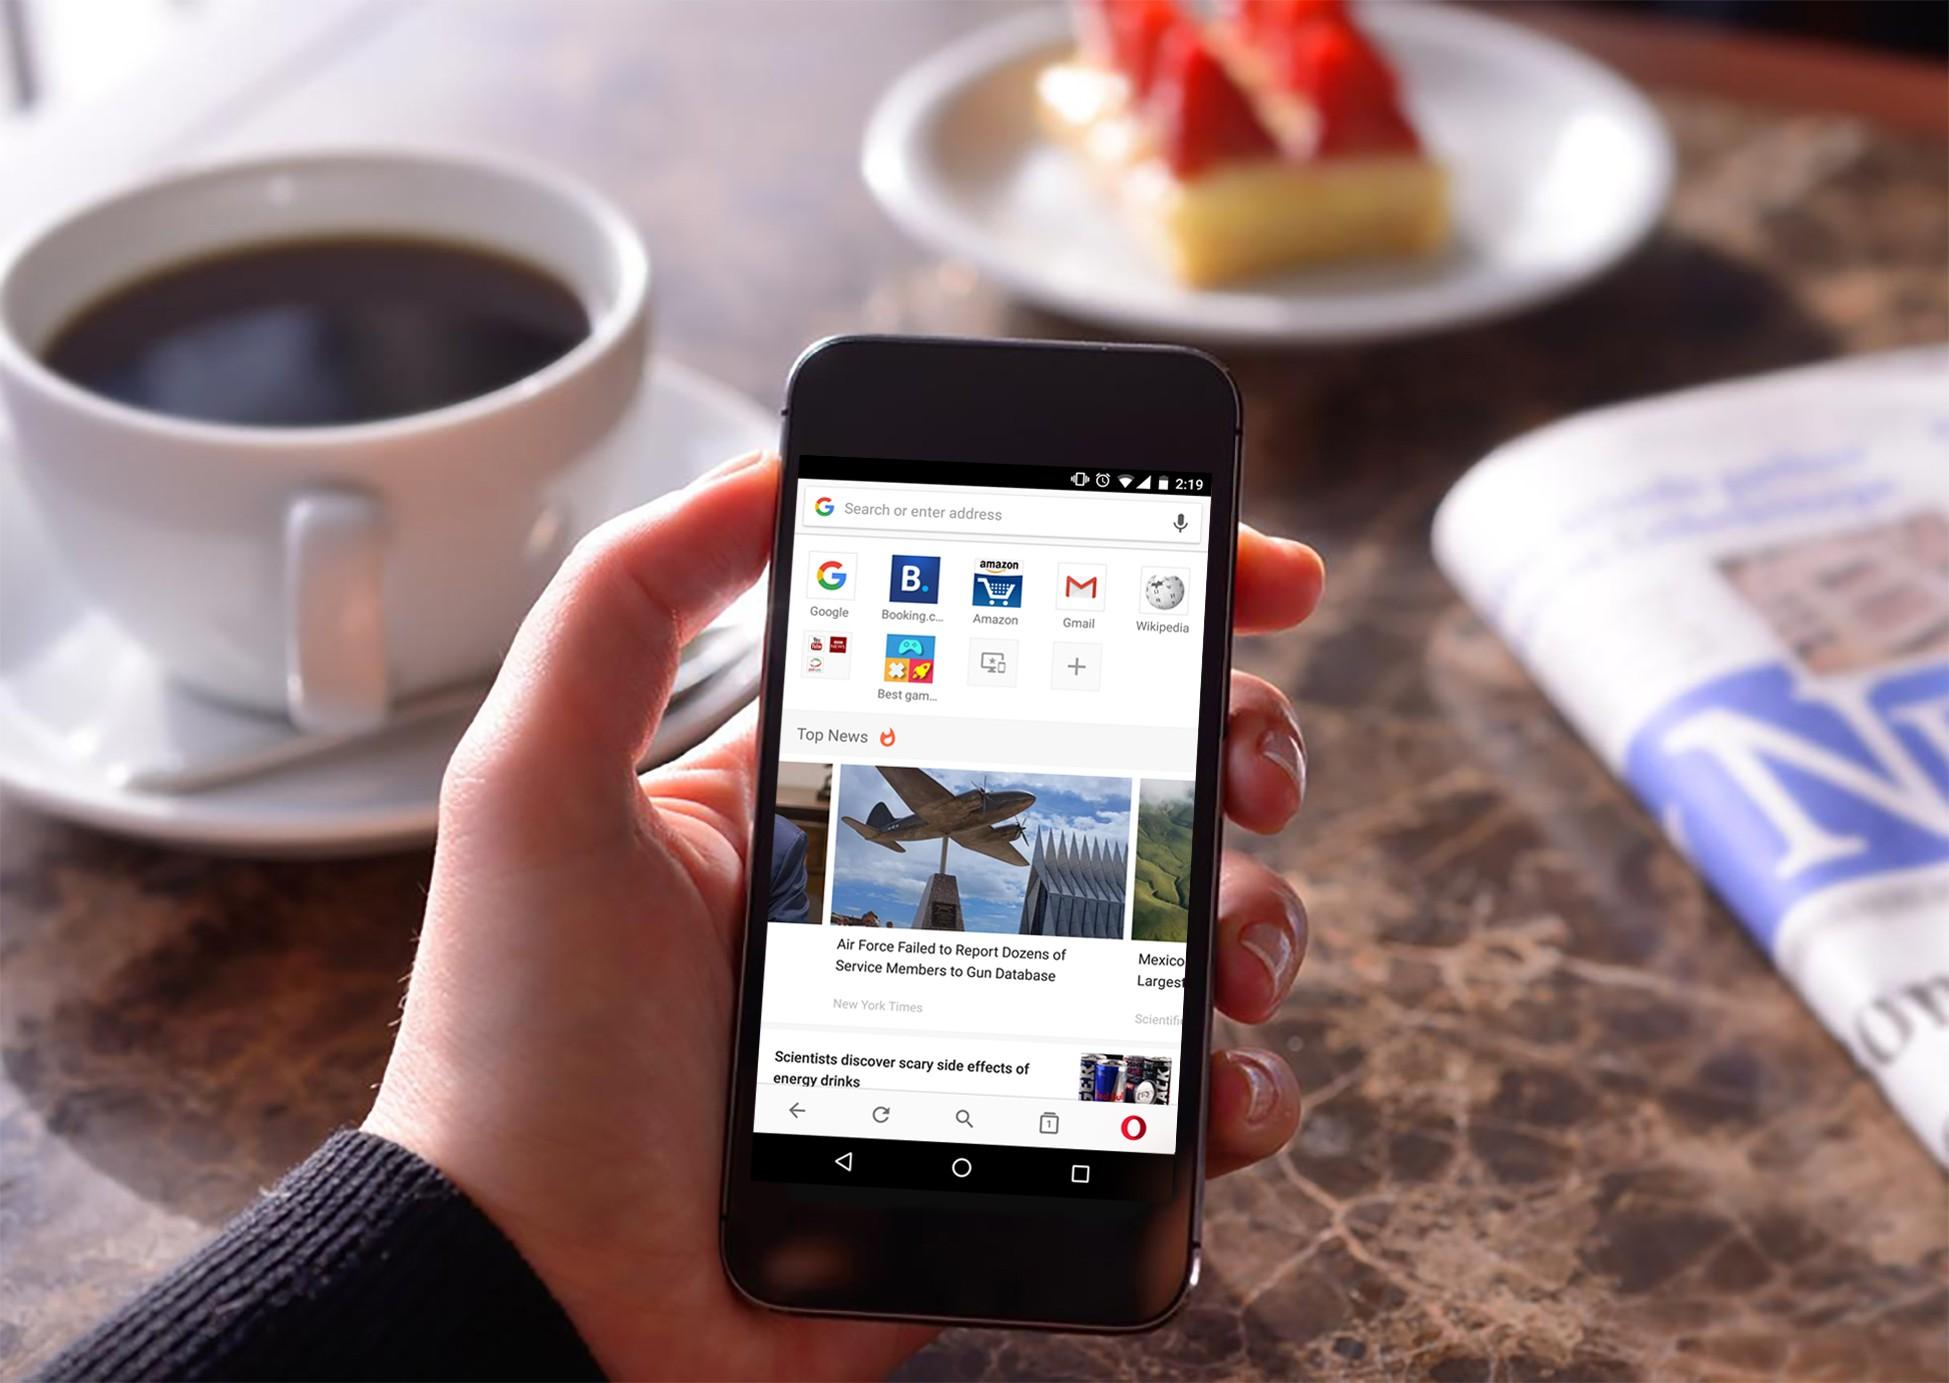 Android ajoute un indicateur de vitesse des réseaux wi-fi publics